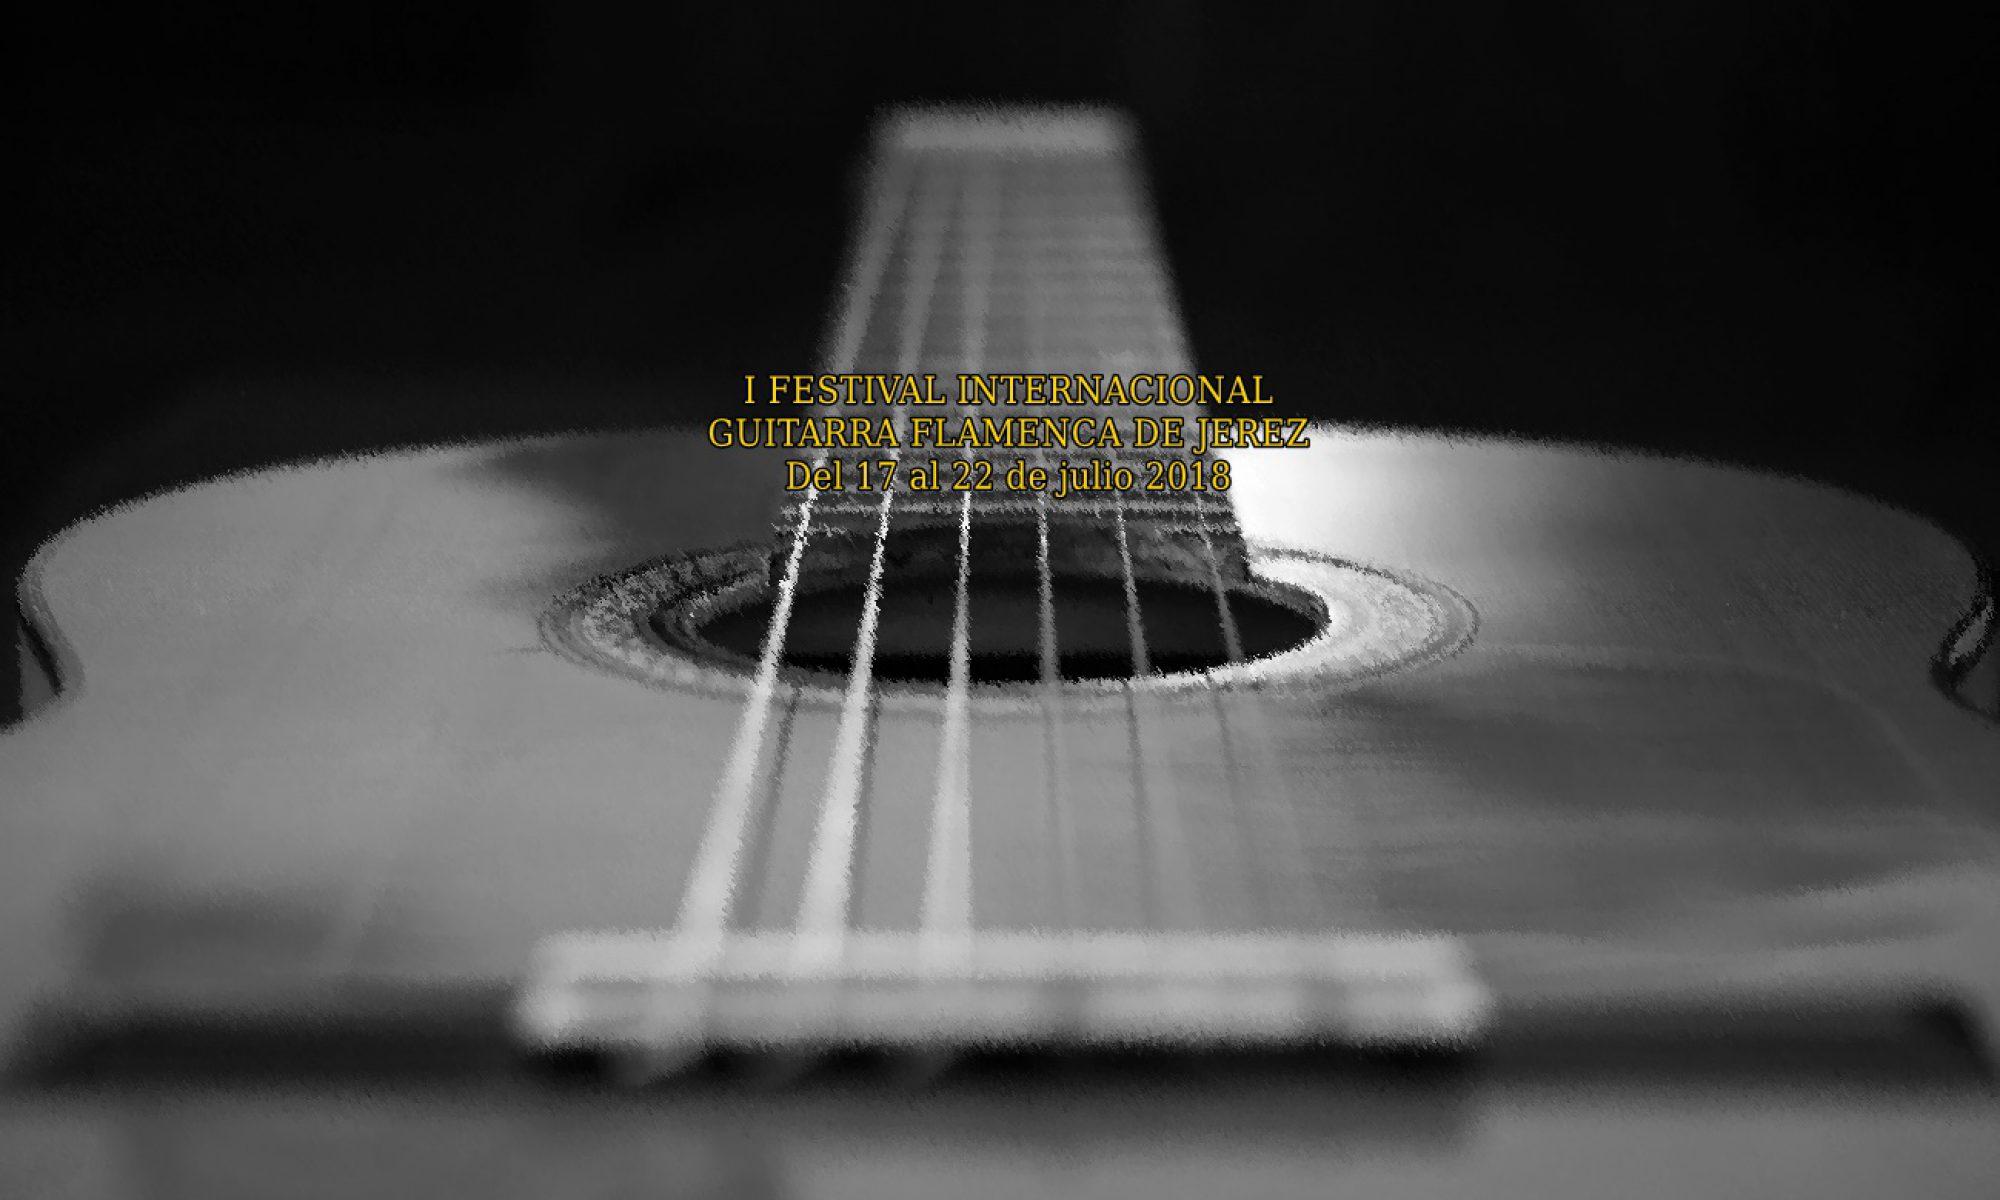 Los Caminos del Cante